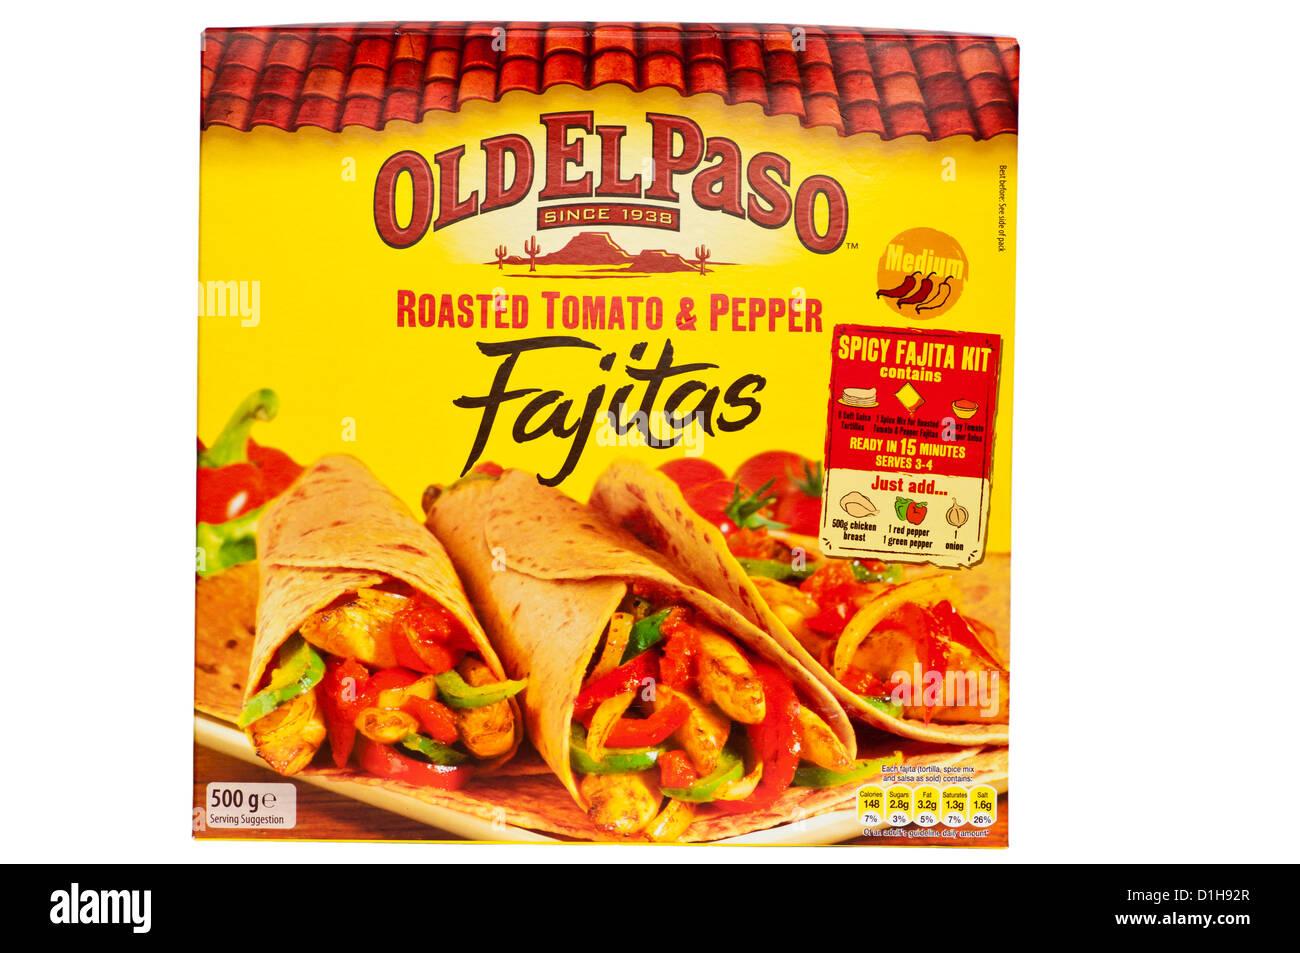 Box Of Old El Paso Fajitas Mexican Food Stock Photo